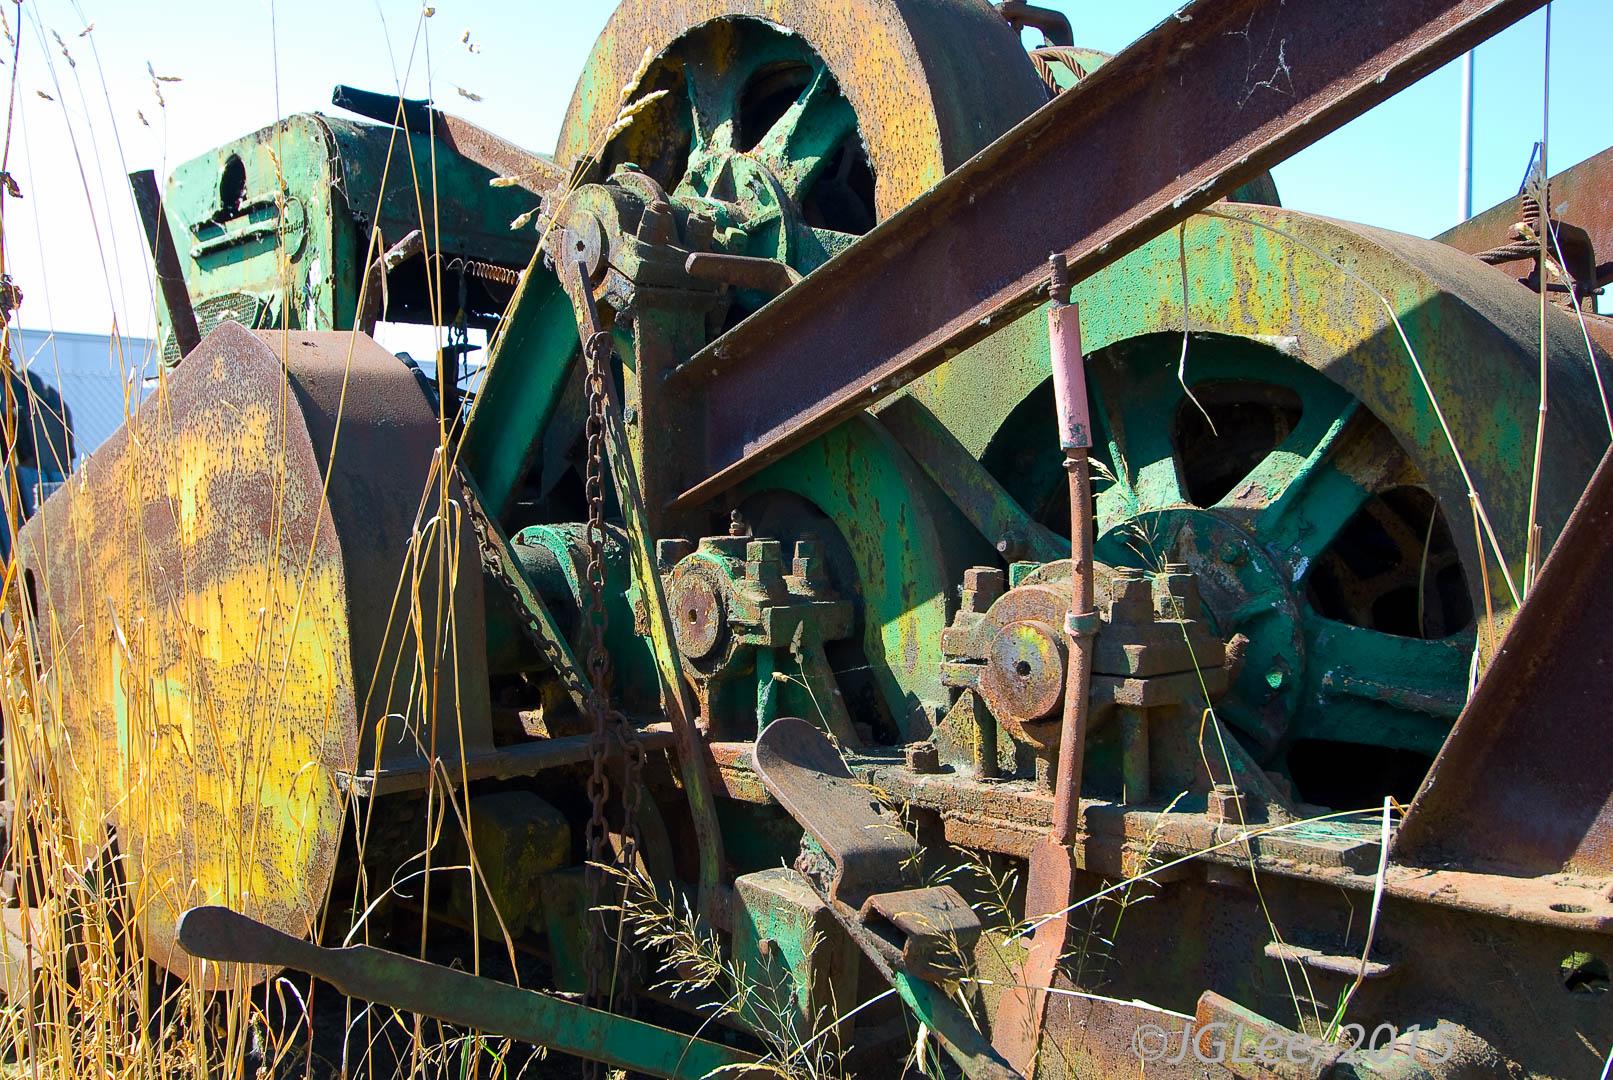 Machine in Lot I